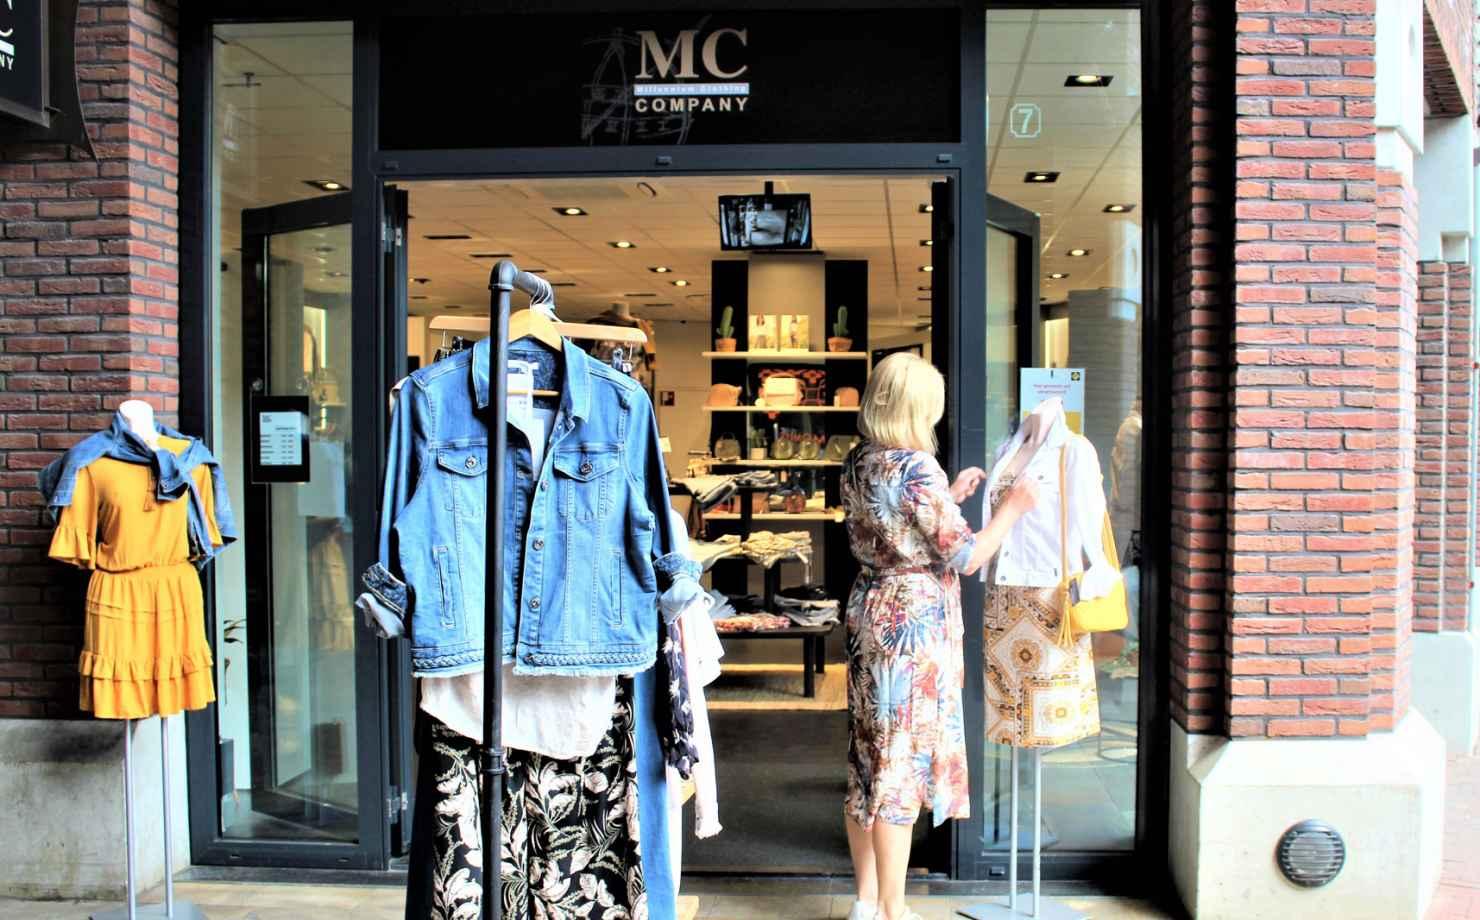 MC Company